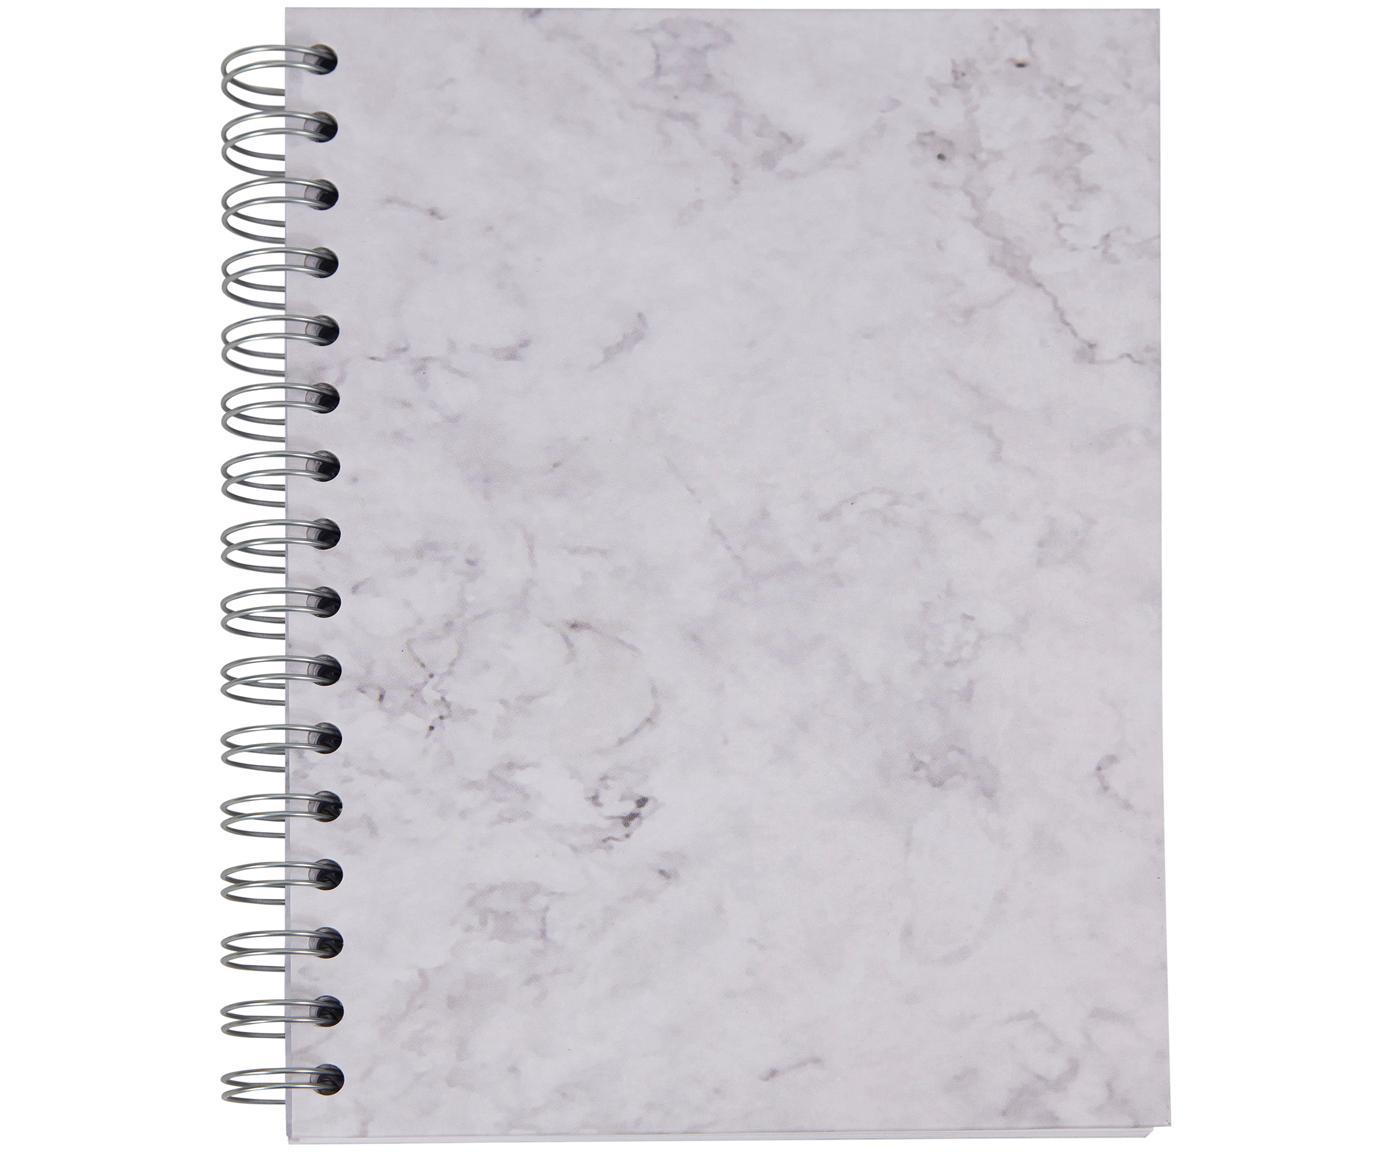 Notizbuch Bürli, Weiß, marmoriert, 16 x 21 cm